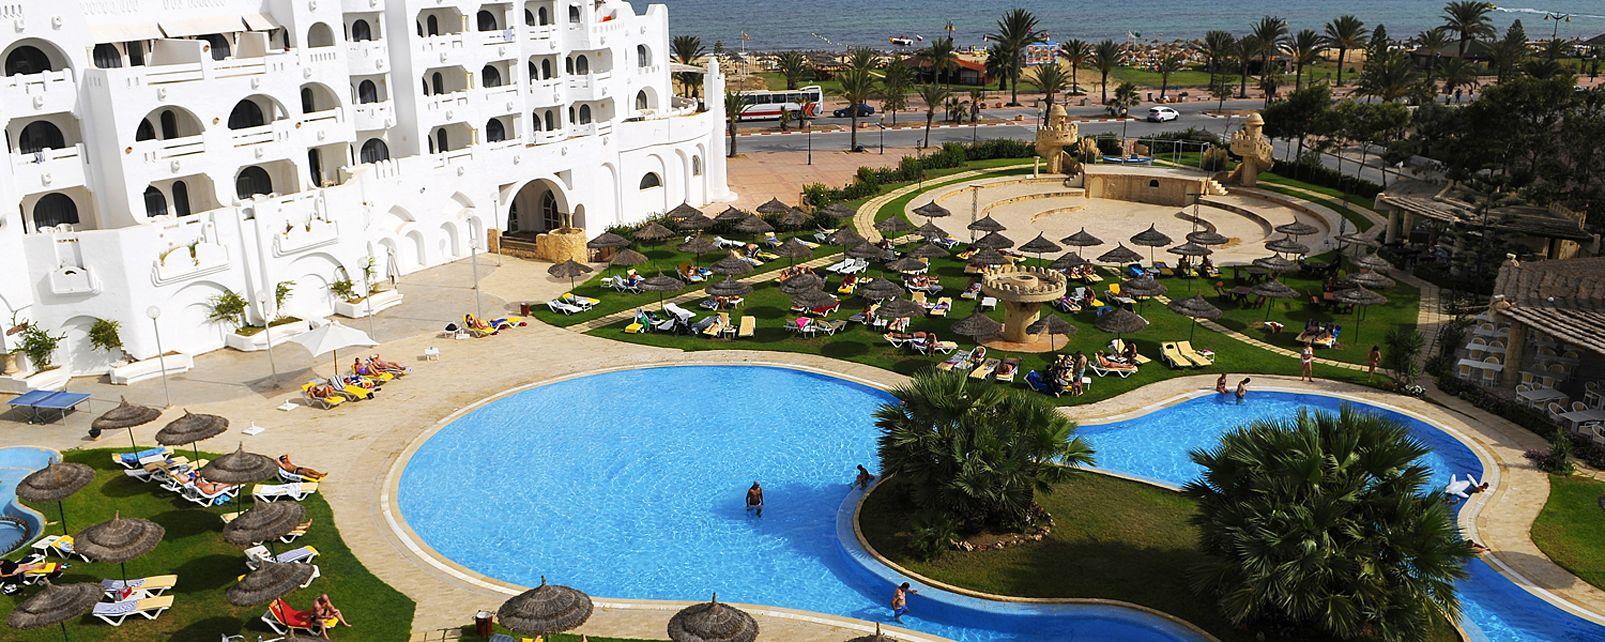 Hôtel Vincci Lella Baya